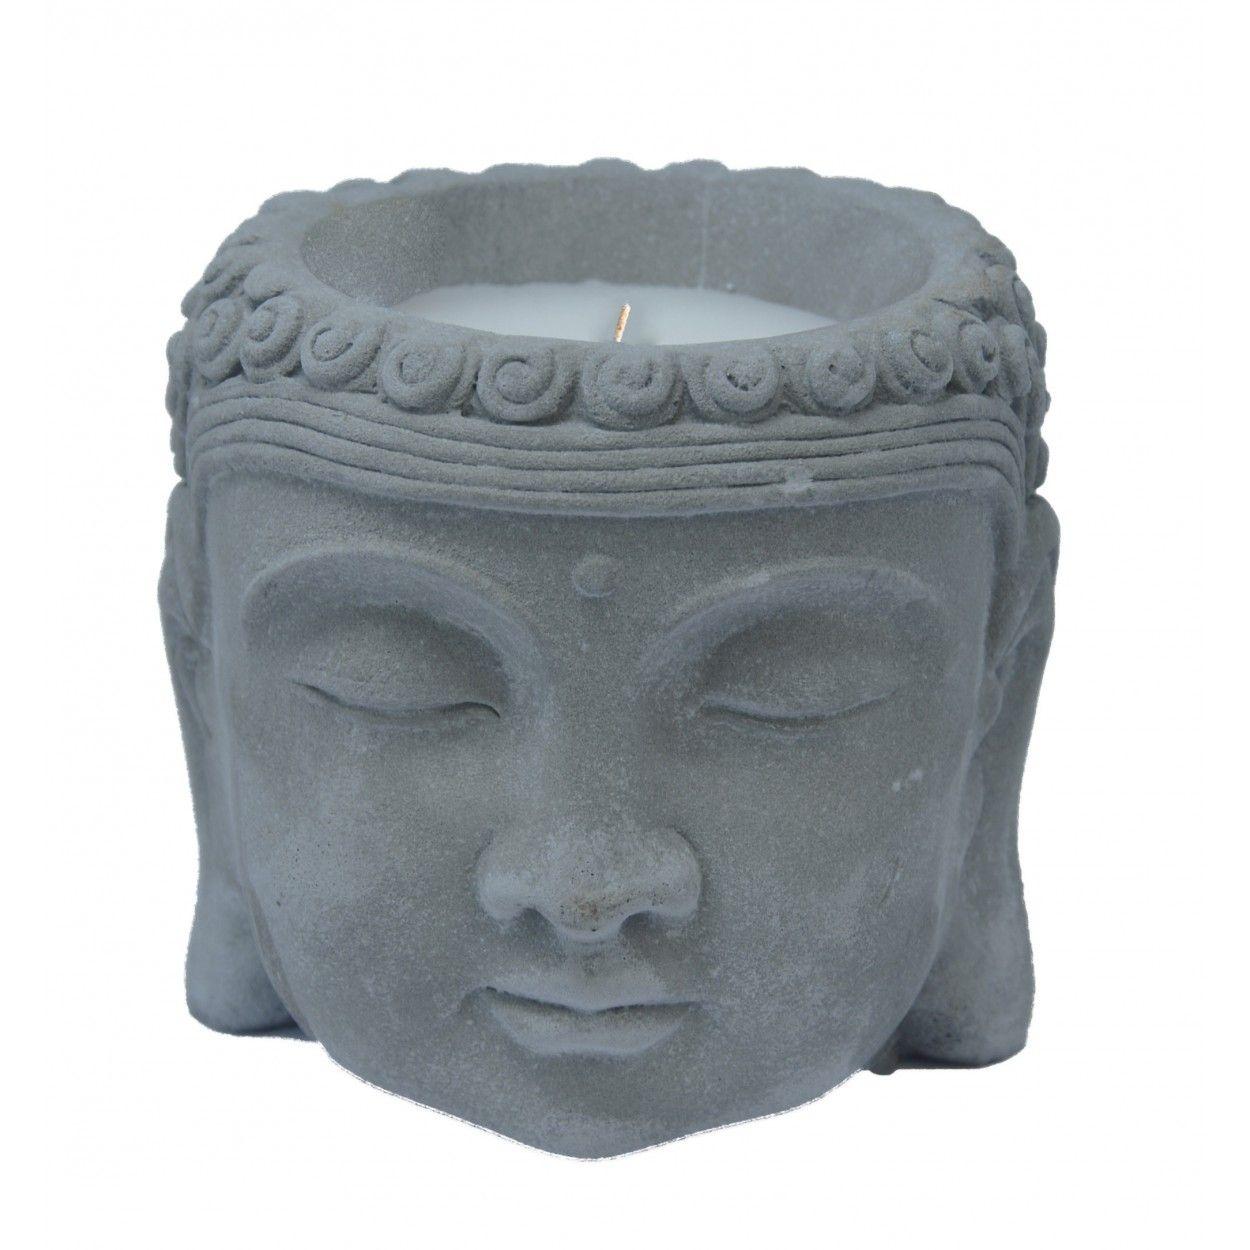 Candle Citronella Buddha Head, Candles, Anti-mosquito. Decor Buddhist Pottery 13x13 cm